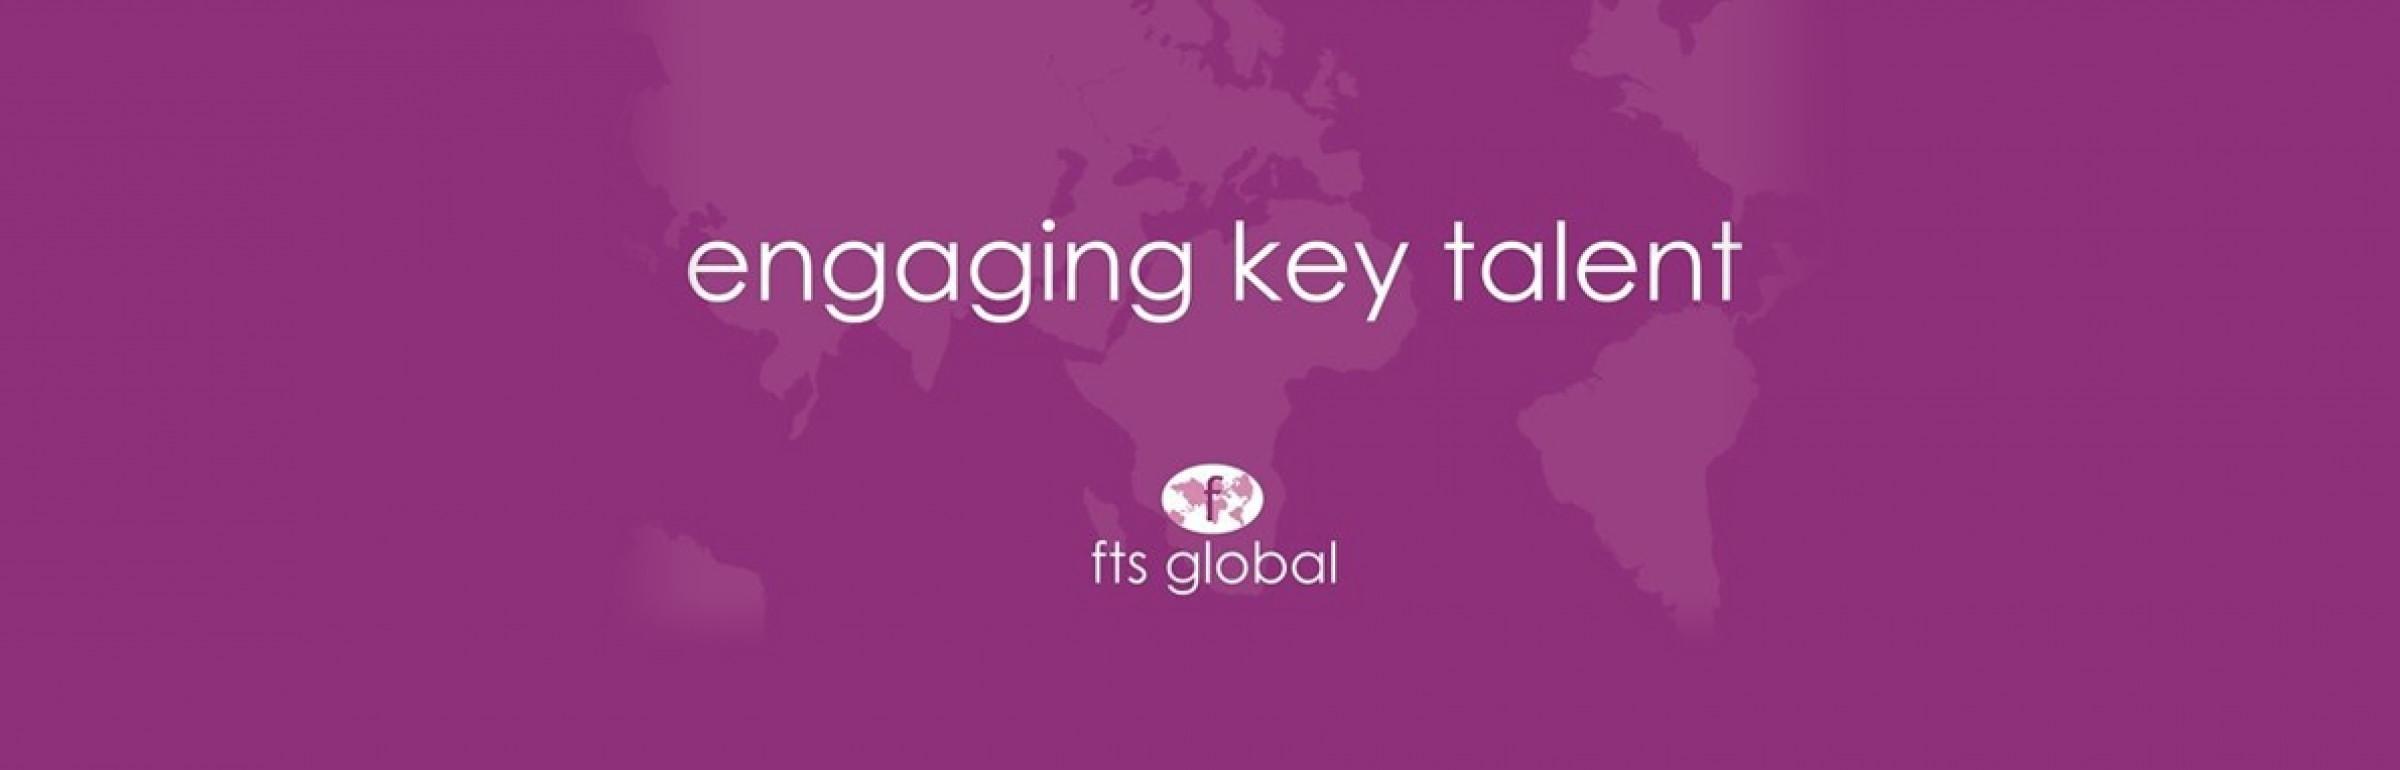 Banner fts global